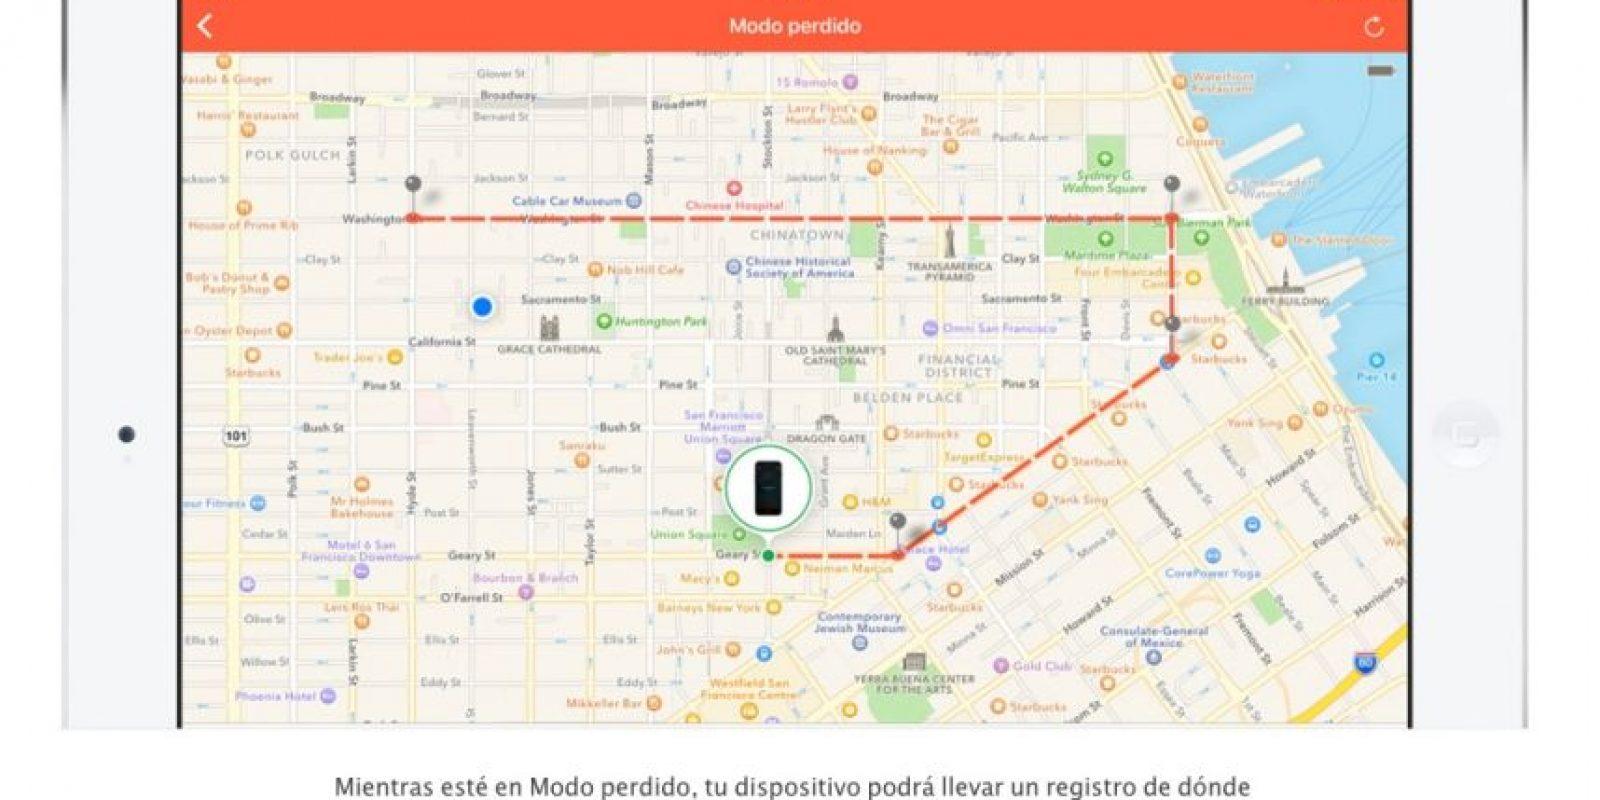 """Con el """"Modo perdido"""", podrán saber dónde ha estado su dispositivo en las últimas 24 horas. Foto:Apple"""